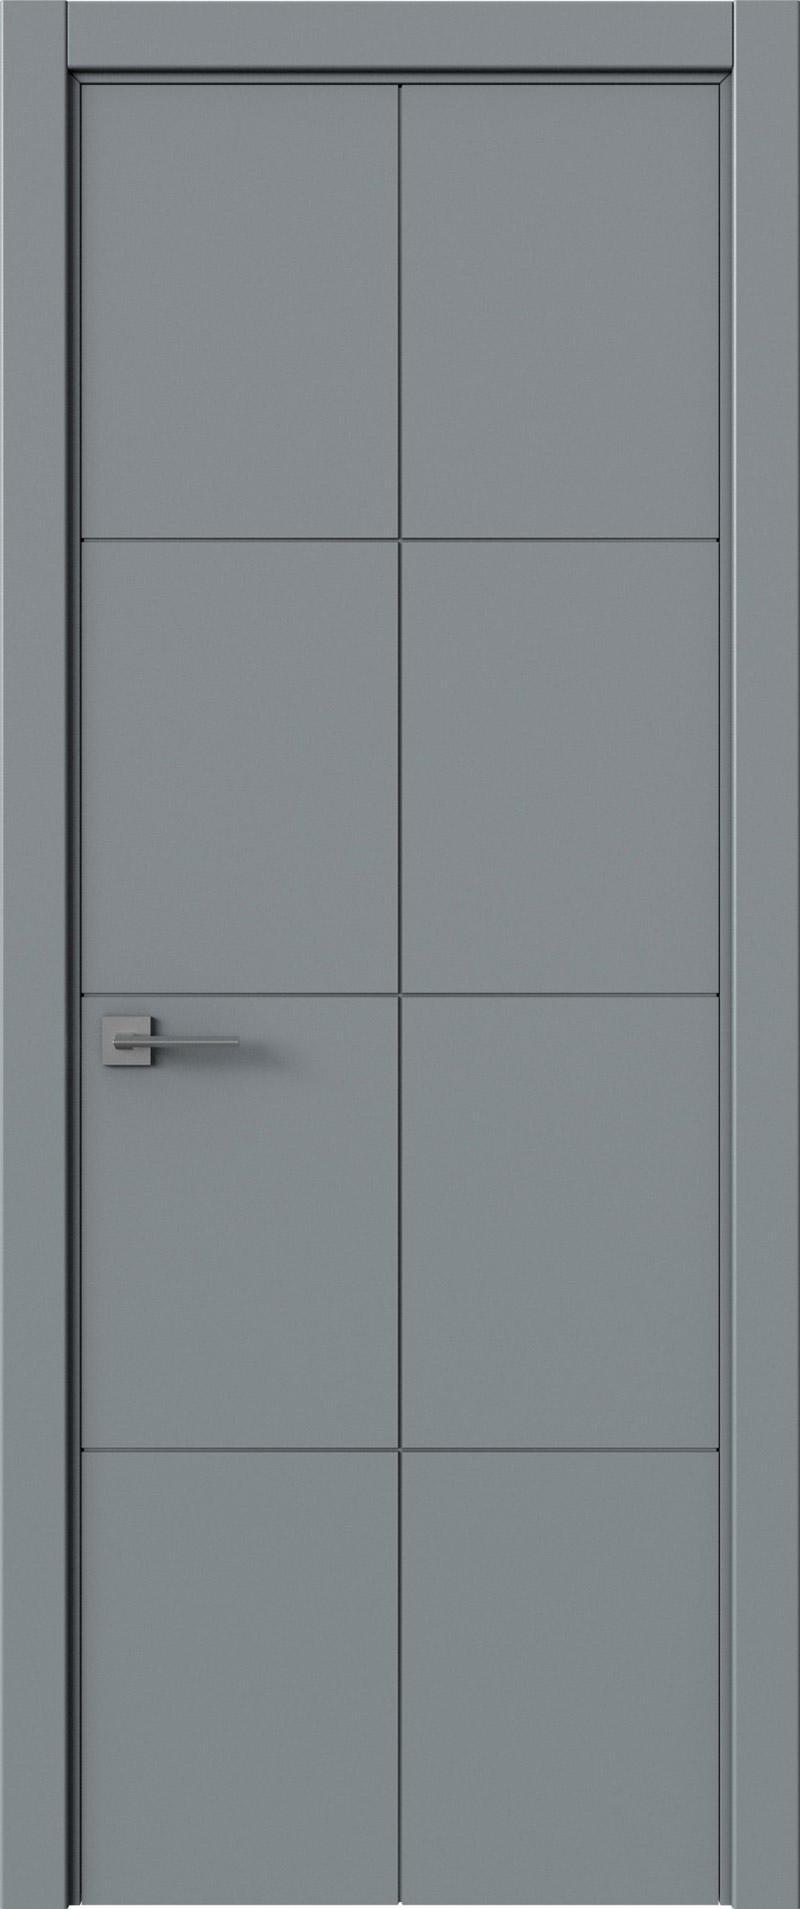 Tivoli Л-2 цвет - Серебристо-серая эмаль (RAL 7045) Без стекла (ДГ)